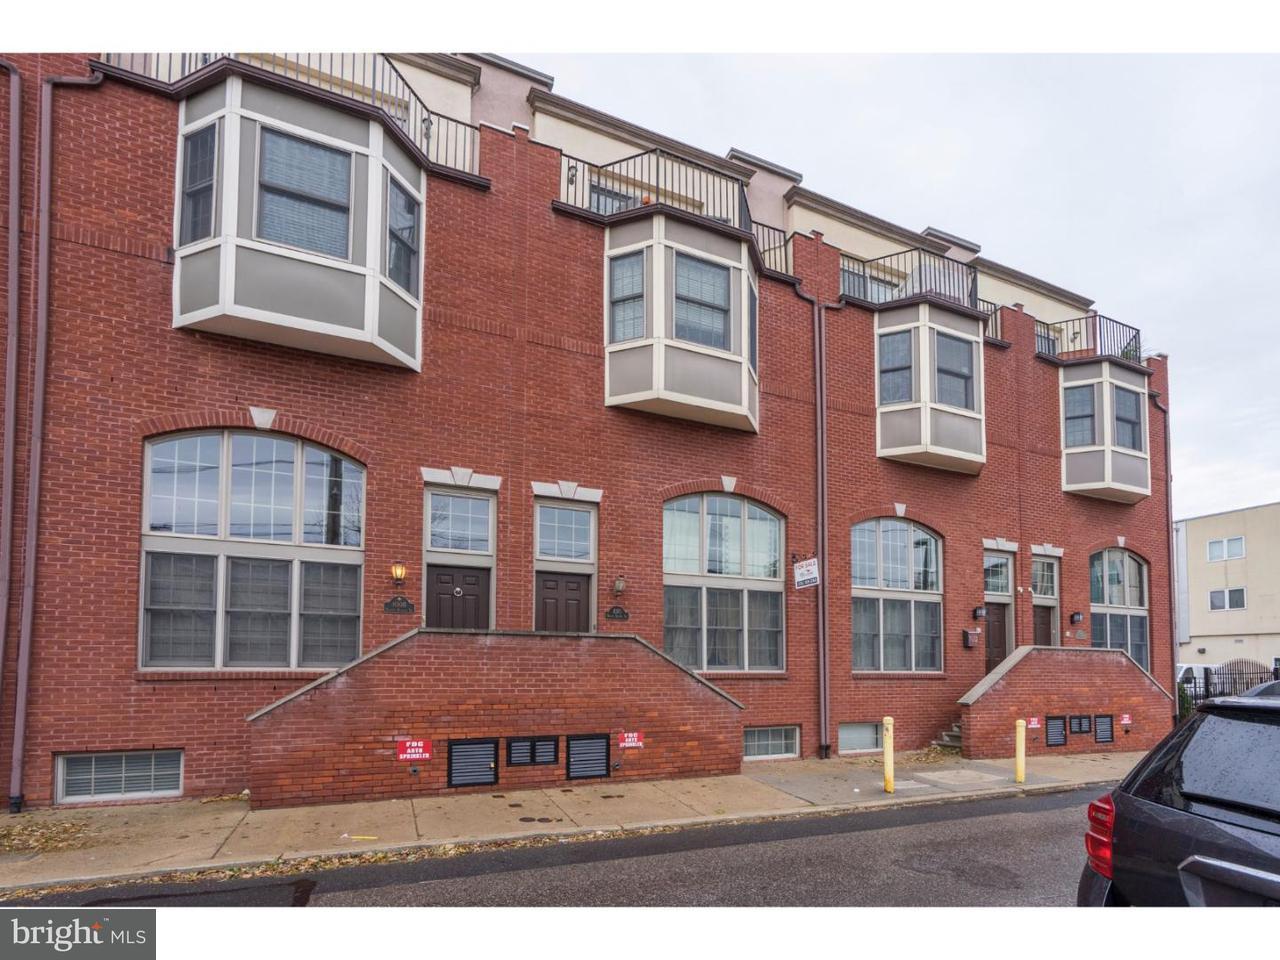 1010 N Bodine Philadelphia, PA 19123